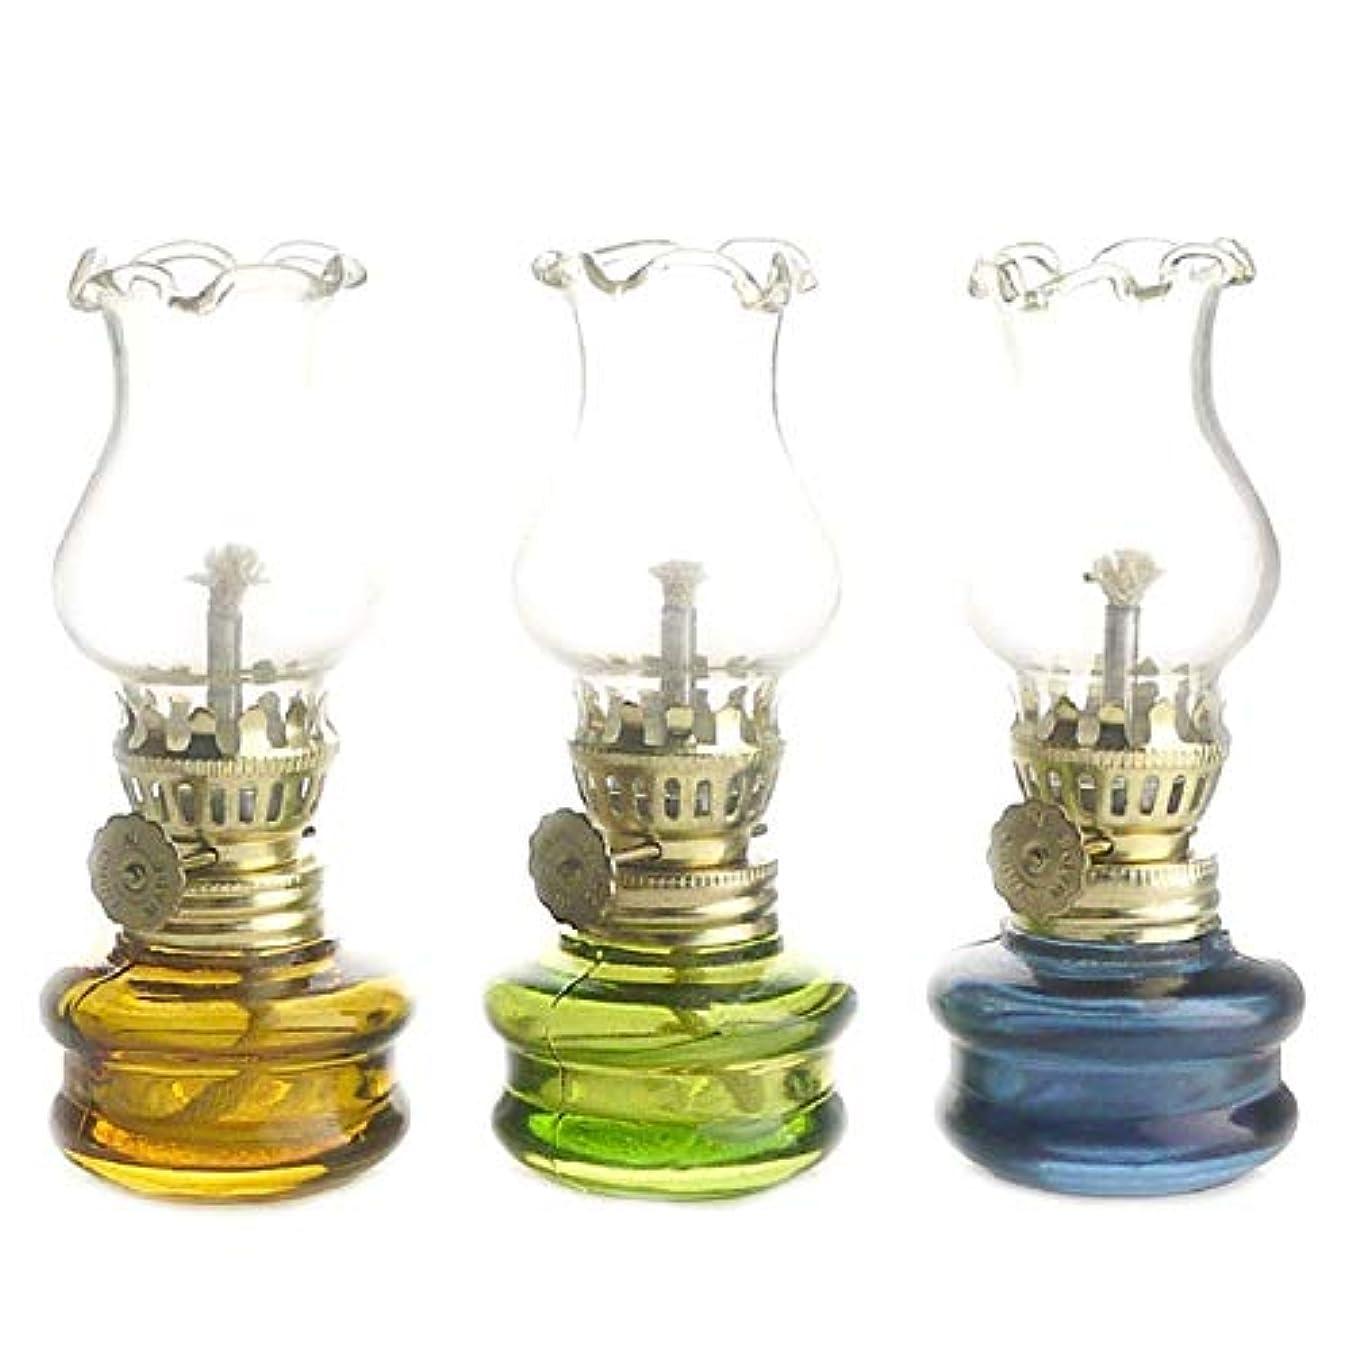 気分が悪い物質散髪レトロ 灯油ランプ 灯籠 ノスタルジックな小さなオイルランプ(3個セット)